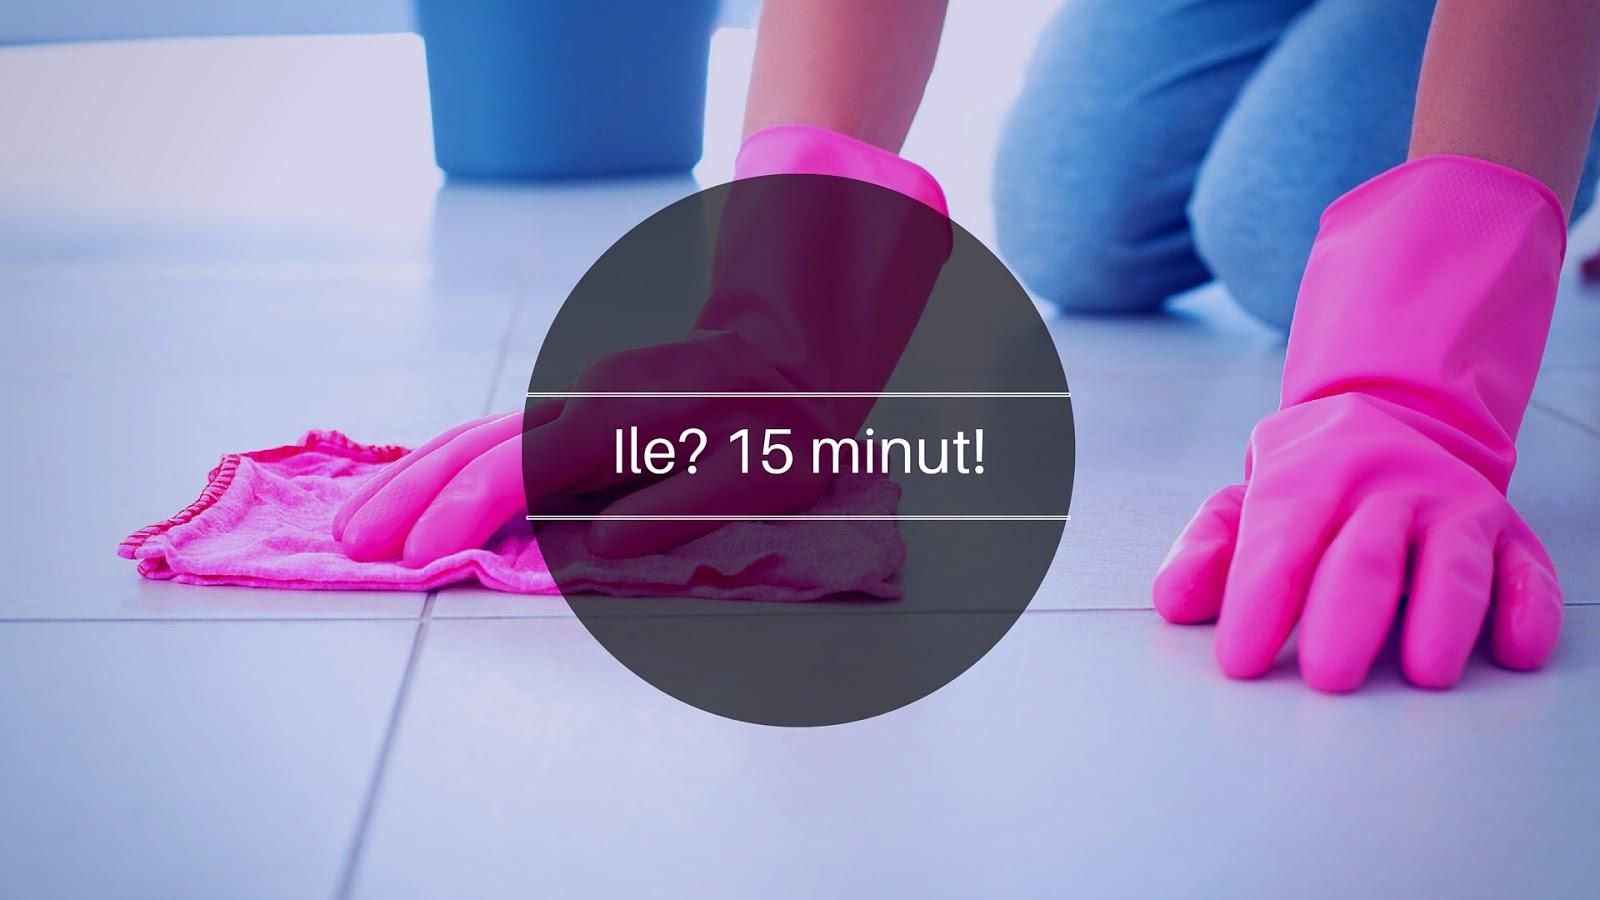 Czy wiesz ile można sprzątnąć w 15 minut?